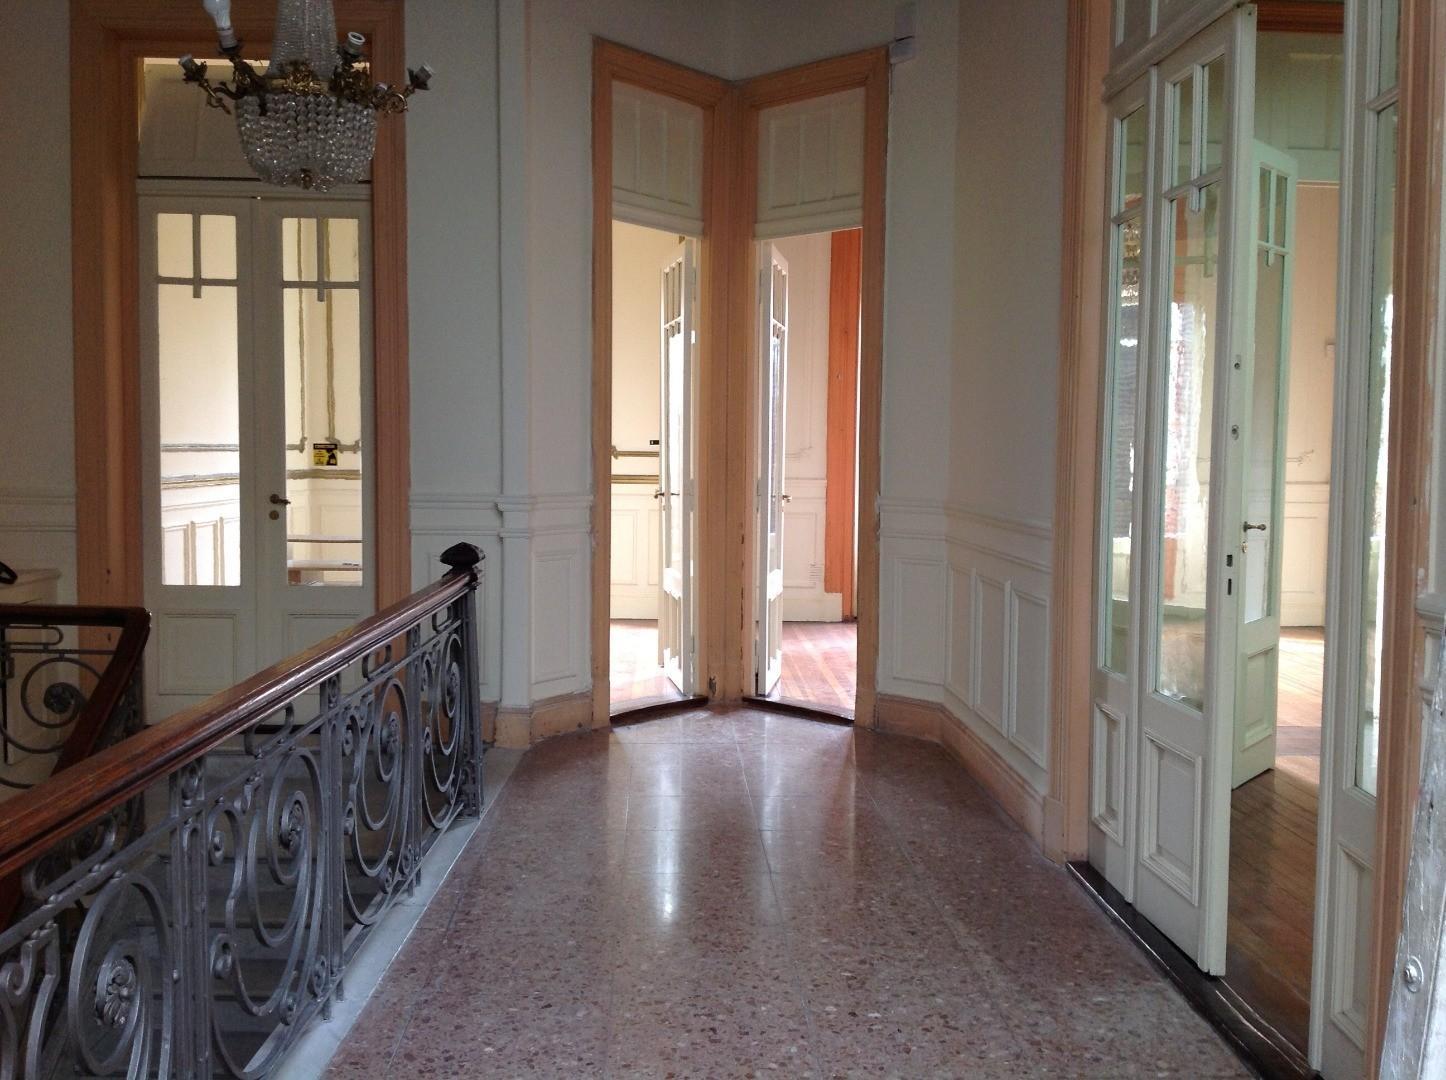 Señorial PH estilo francés 7 amb 200 mts cub. y amplia terraza, impeclable estado, frente plaza